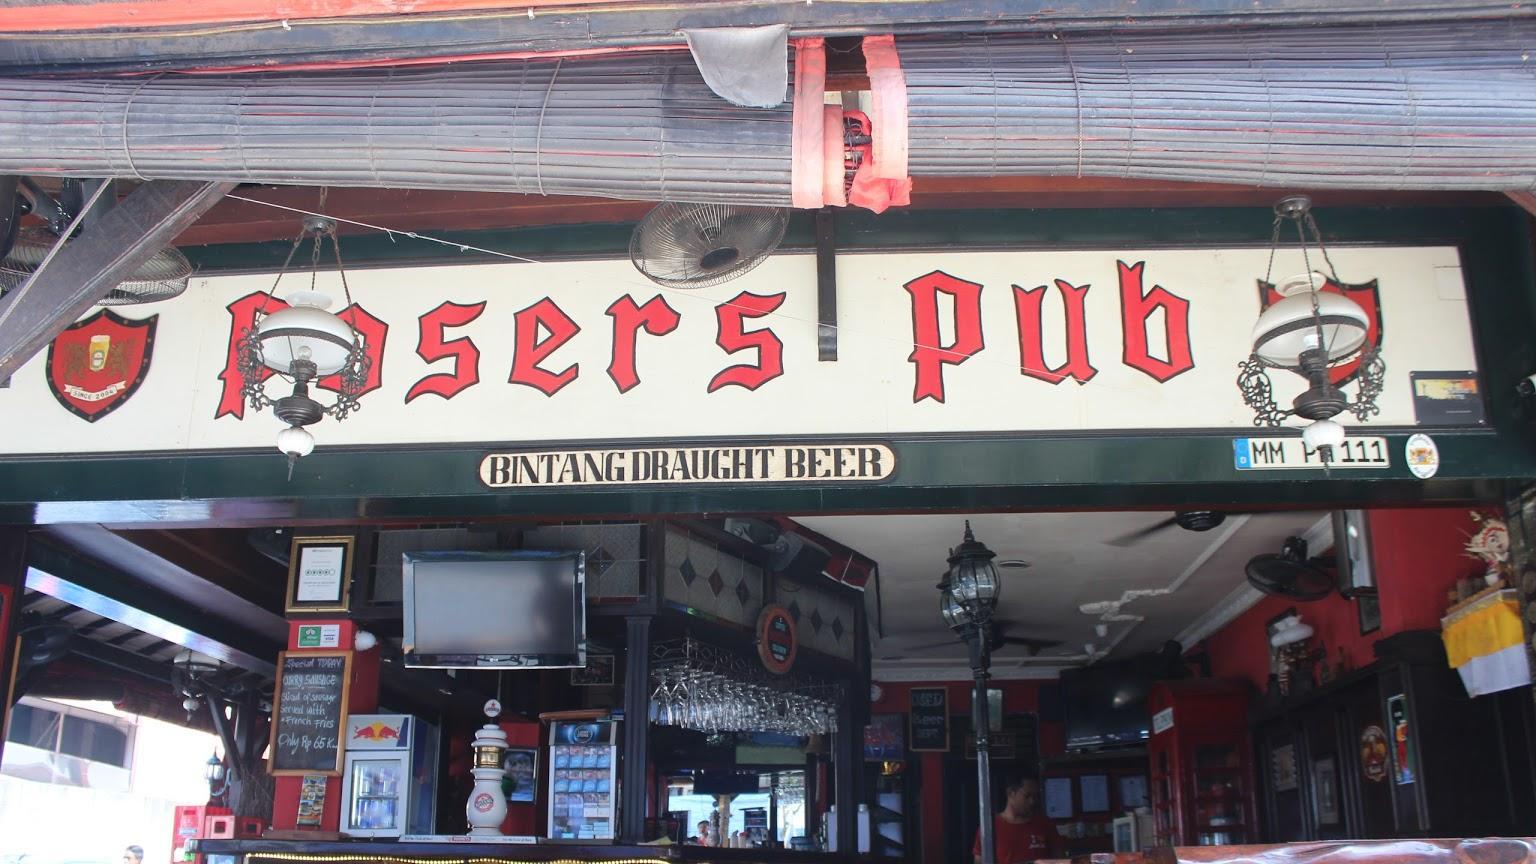 Posers Pub & Restaurant Legian